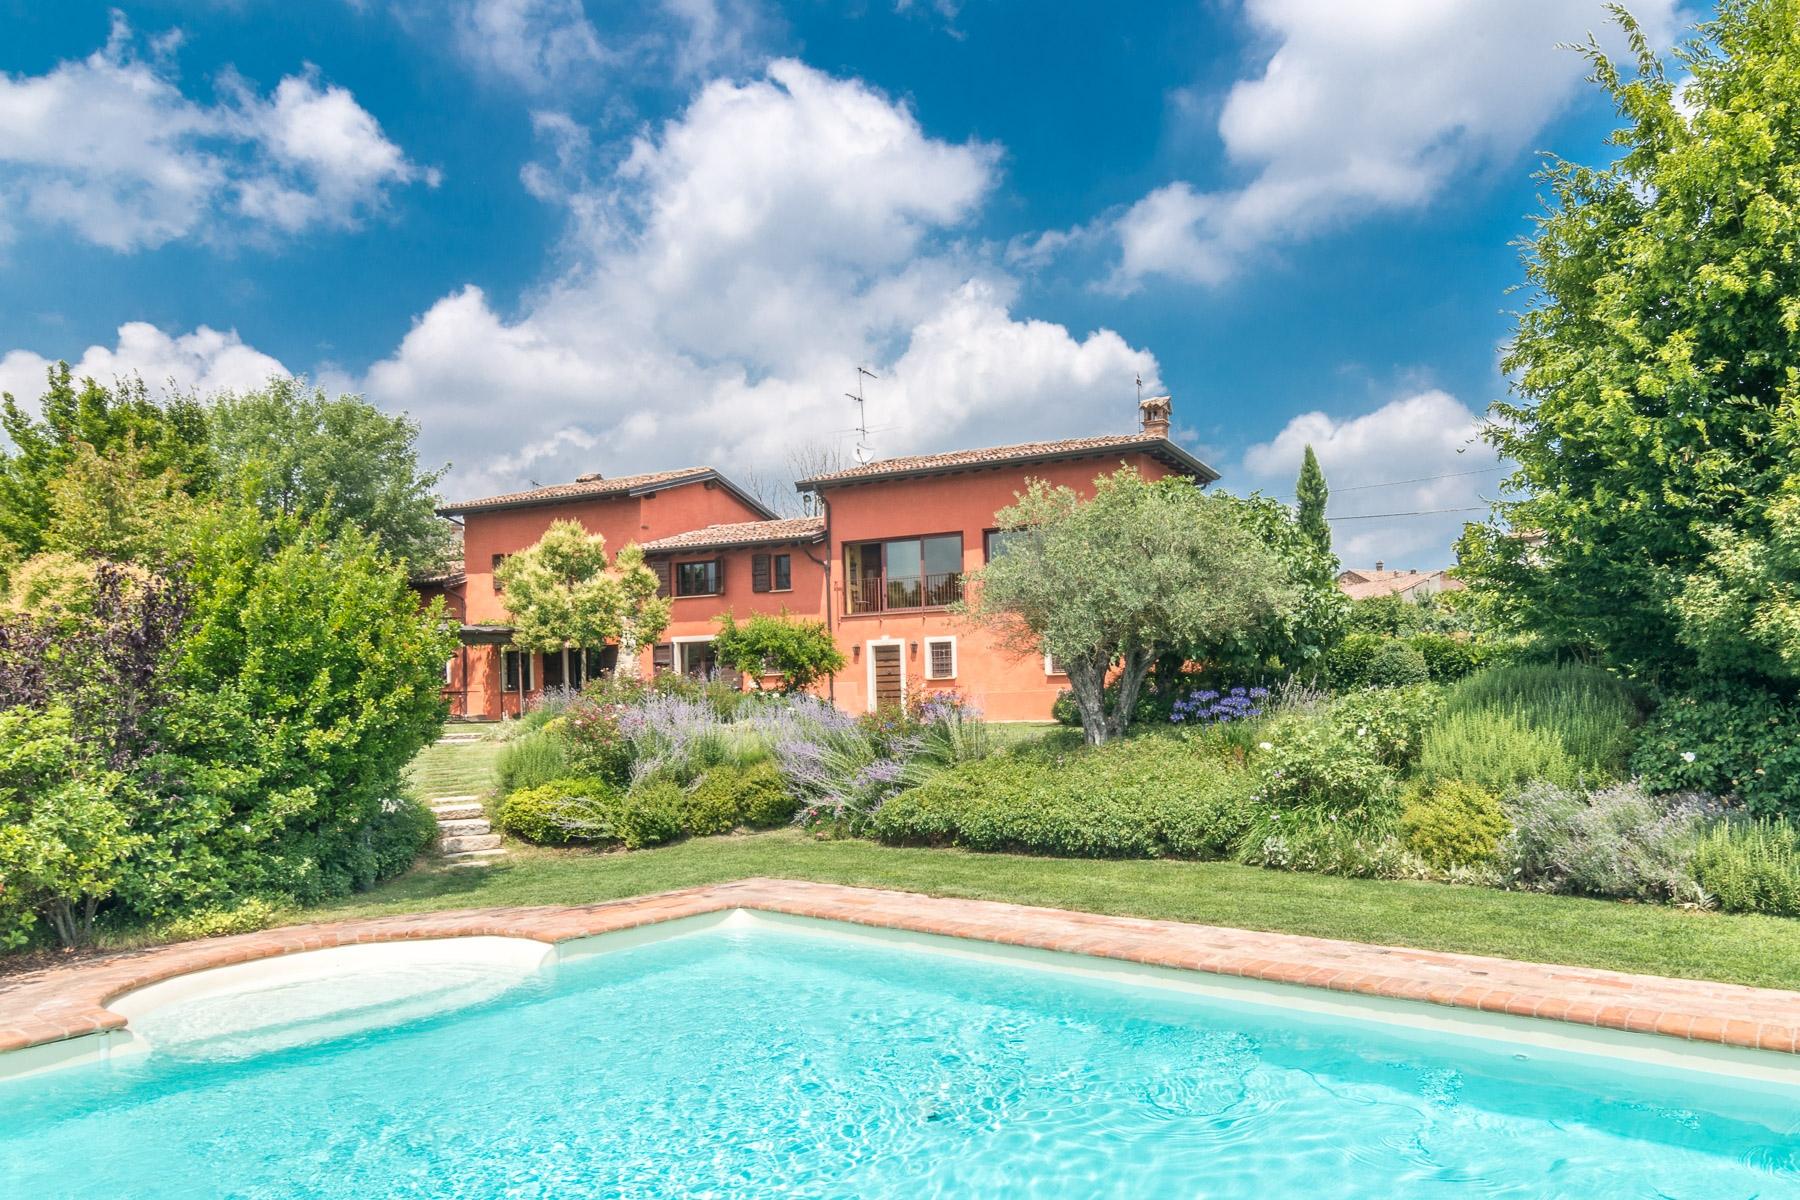 Casa indipendente in Vendita a Ziano Piacentino: 5 locali, 260 mq